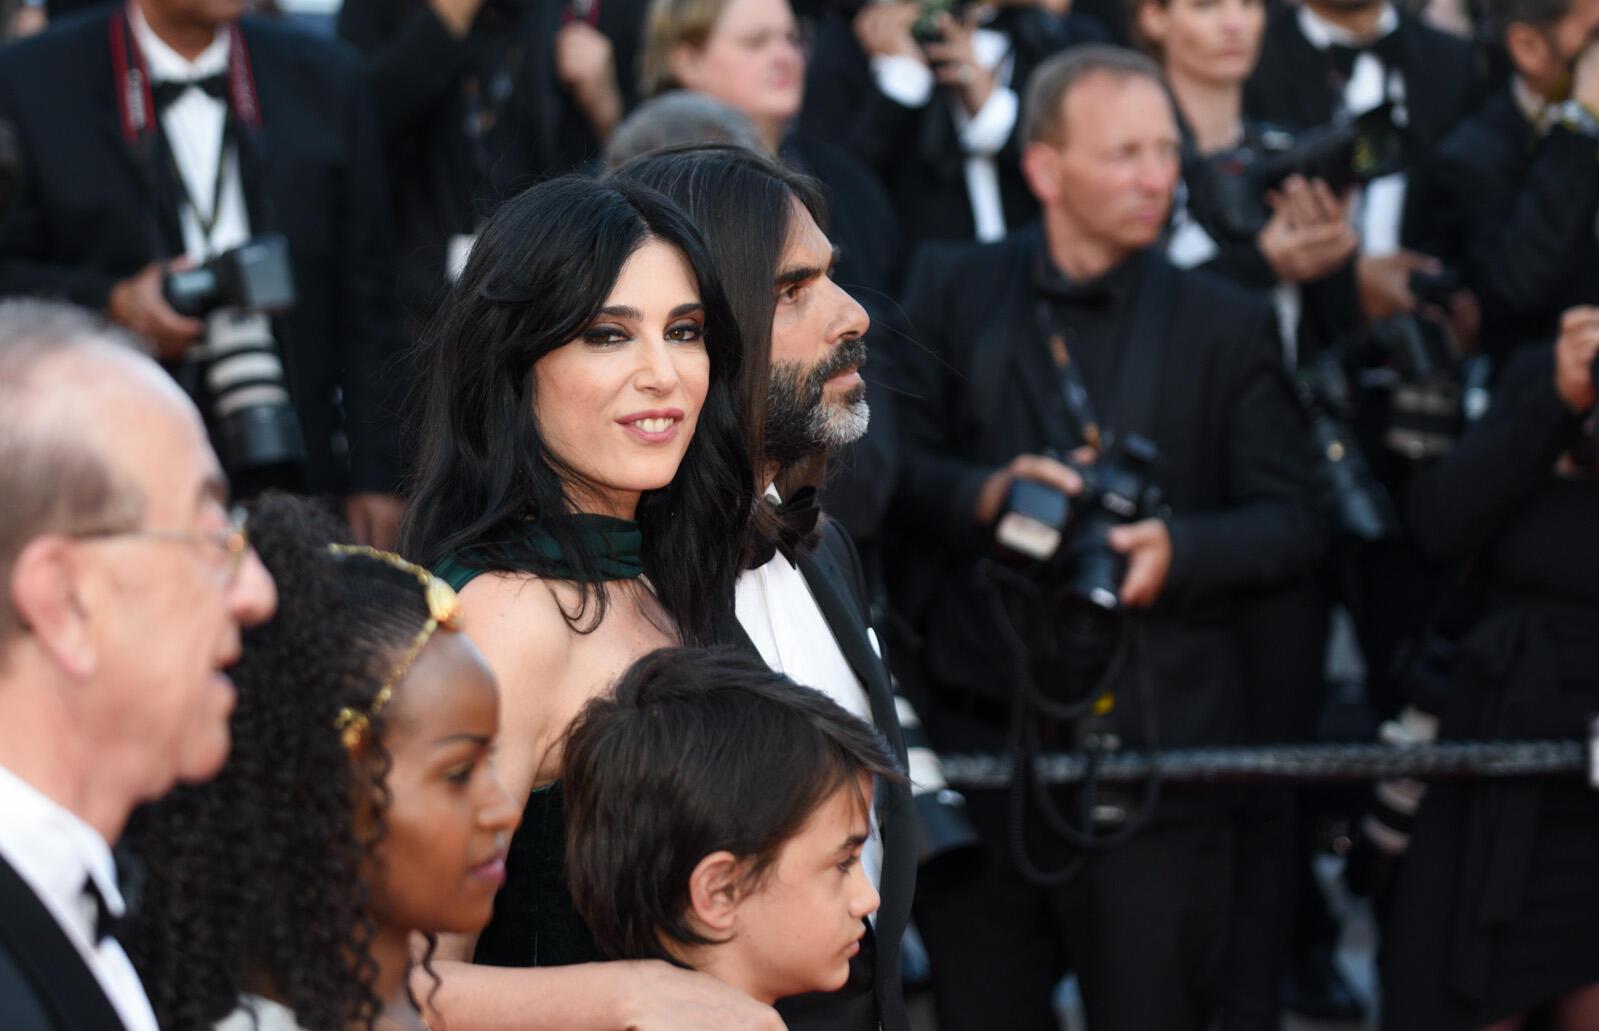 La directora libanesa Nadine Labaki está en la Croisette para su última película, 'Capharnaüm', presentada en la competencia oficial de este la 71ª edición del Festival de Cine de Cannes.